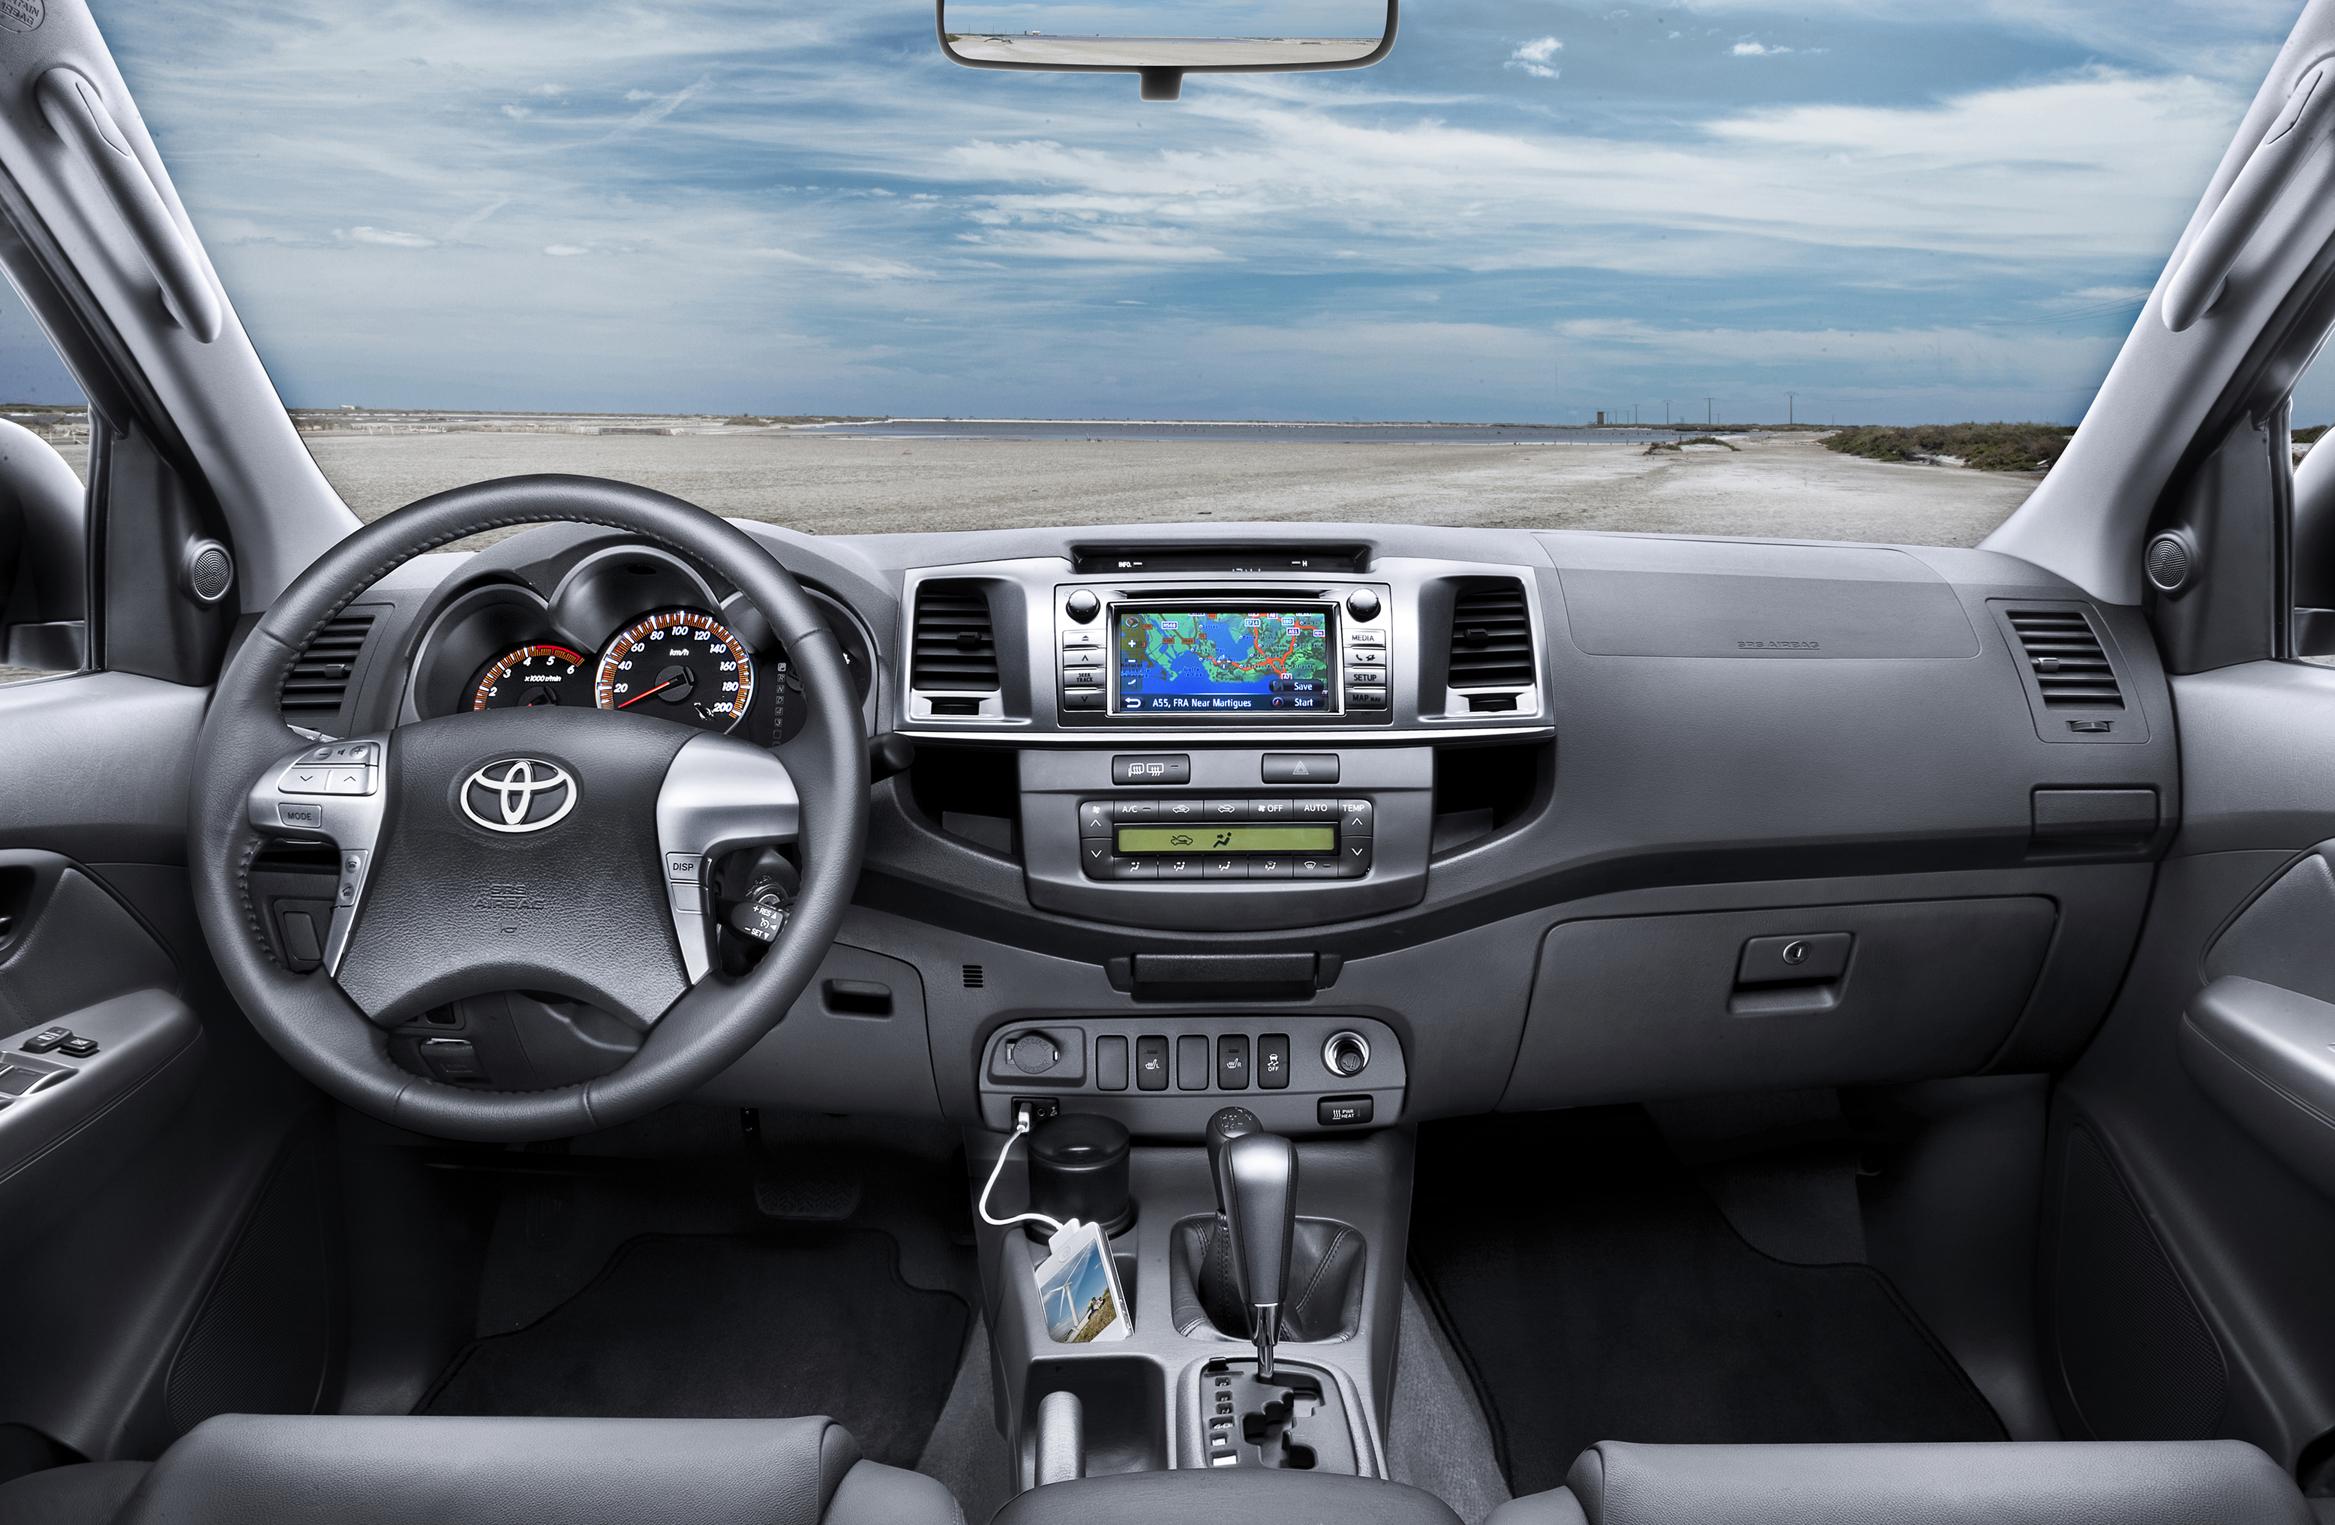 Toyota Hilux 8 (2016) цена и характеристики, фотографии и ...